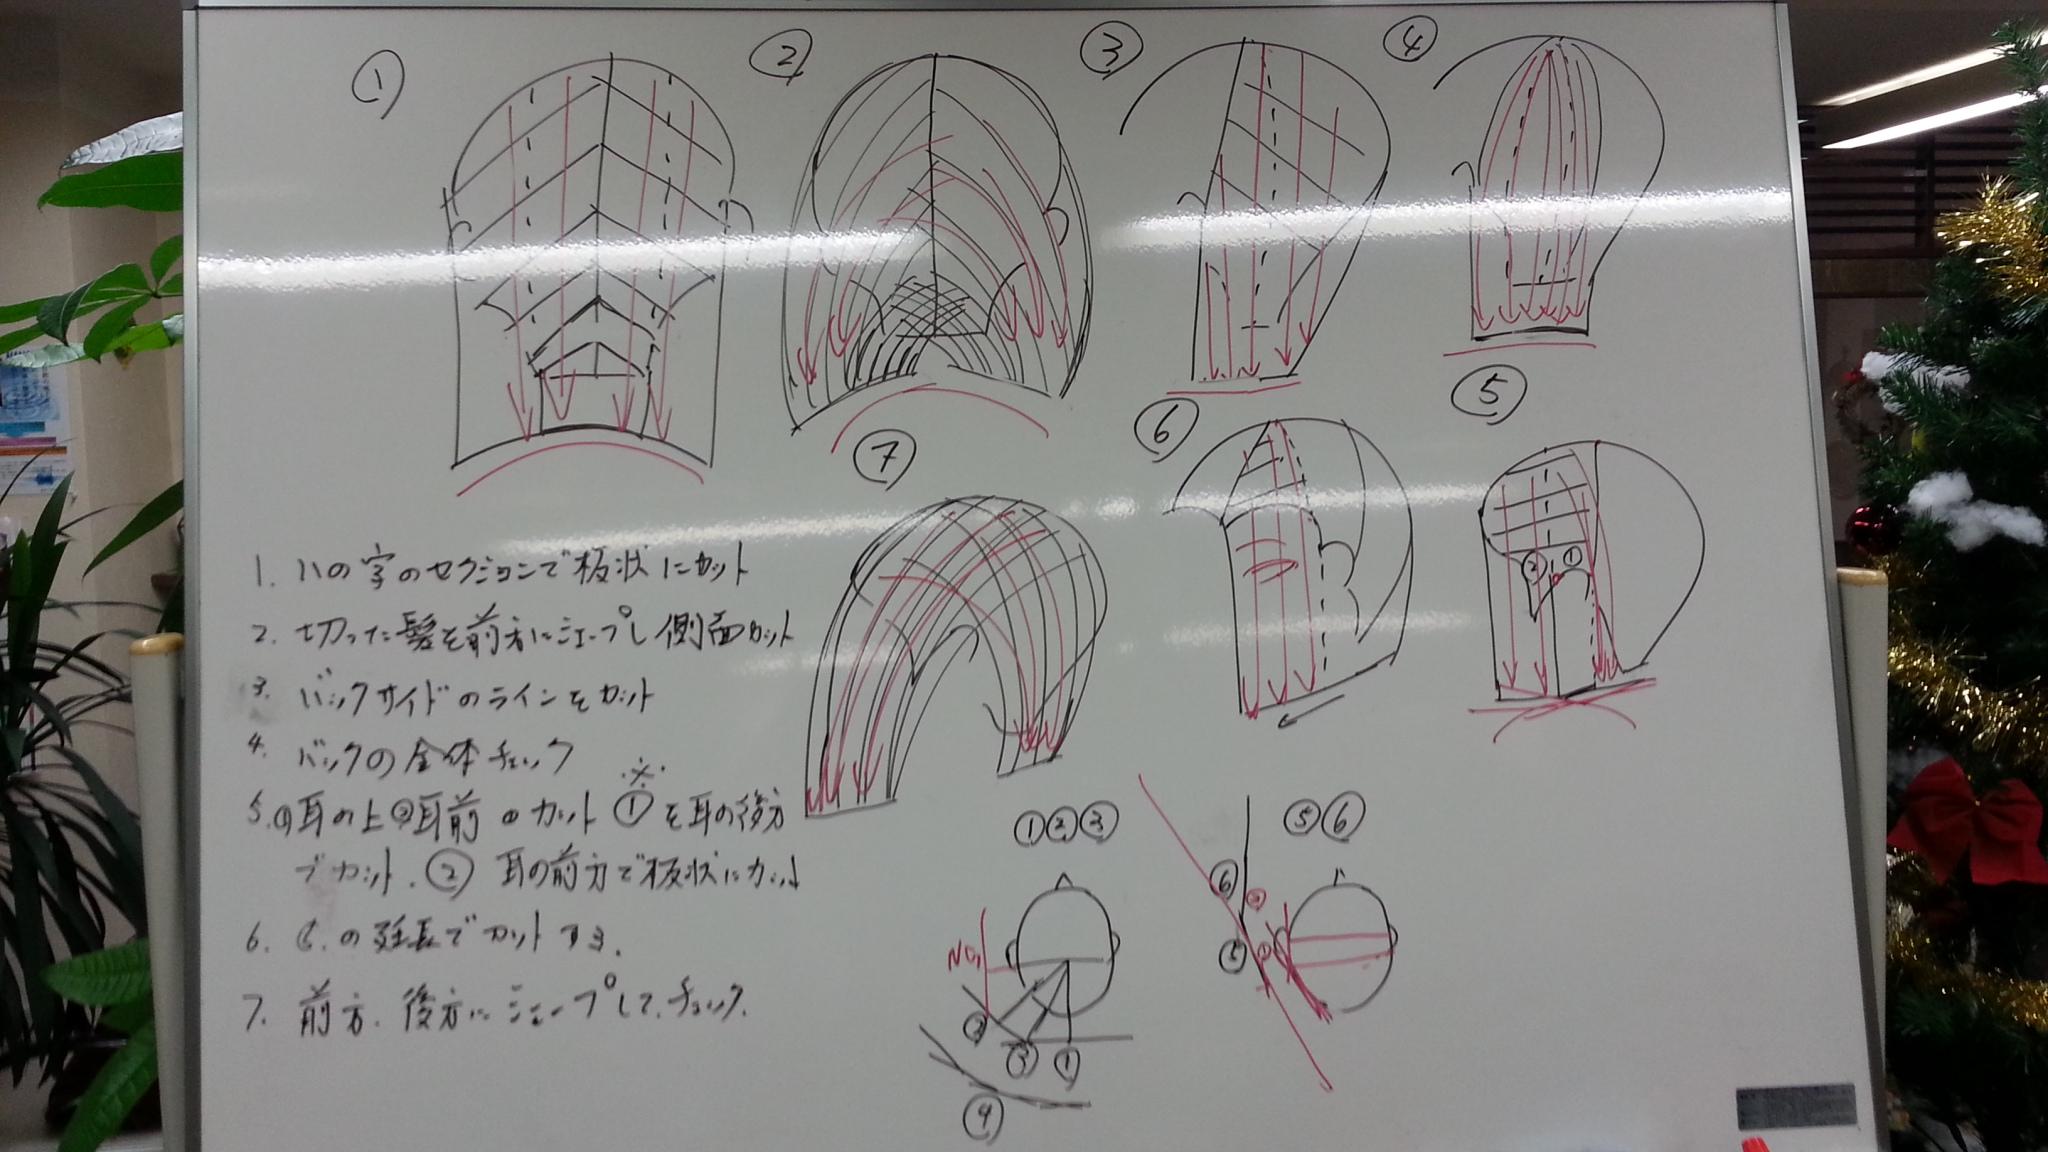 カット展開図 http://www.ankh-jp.com